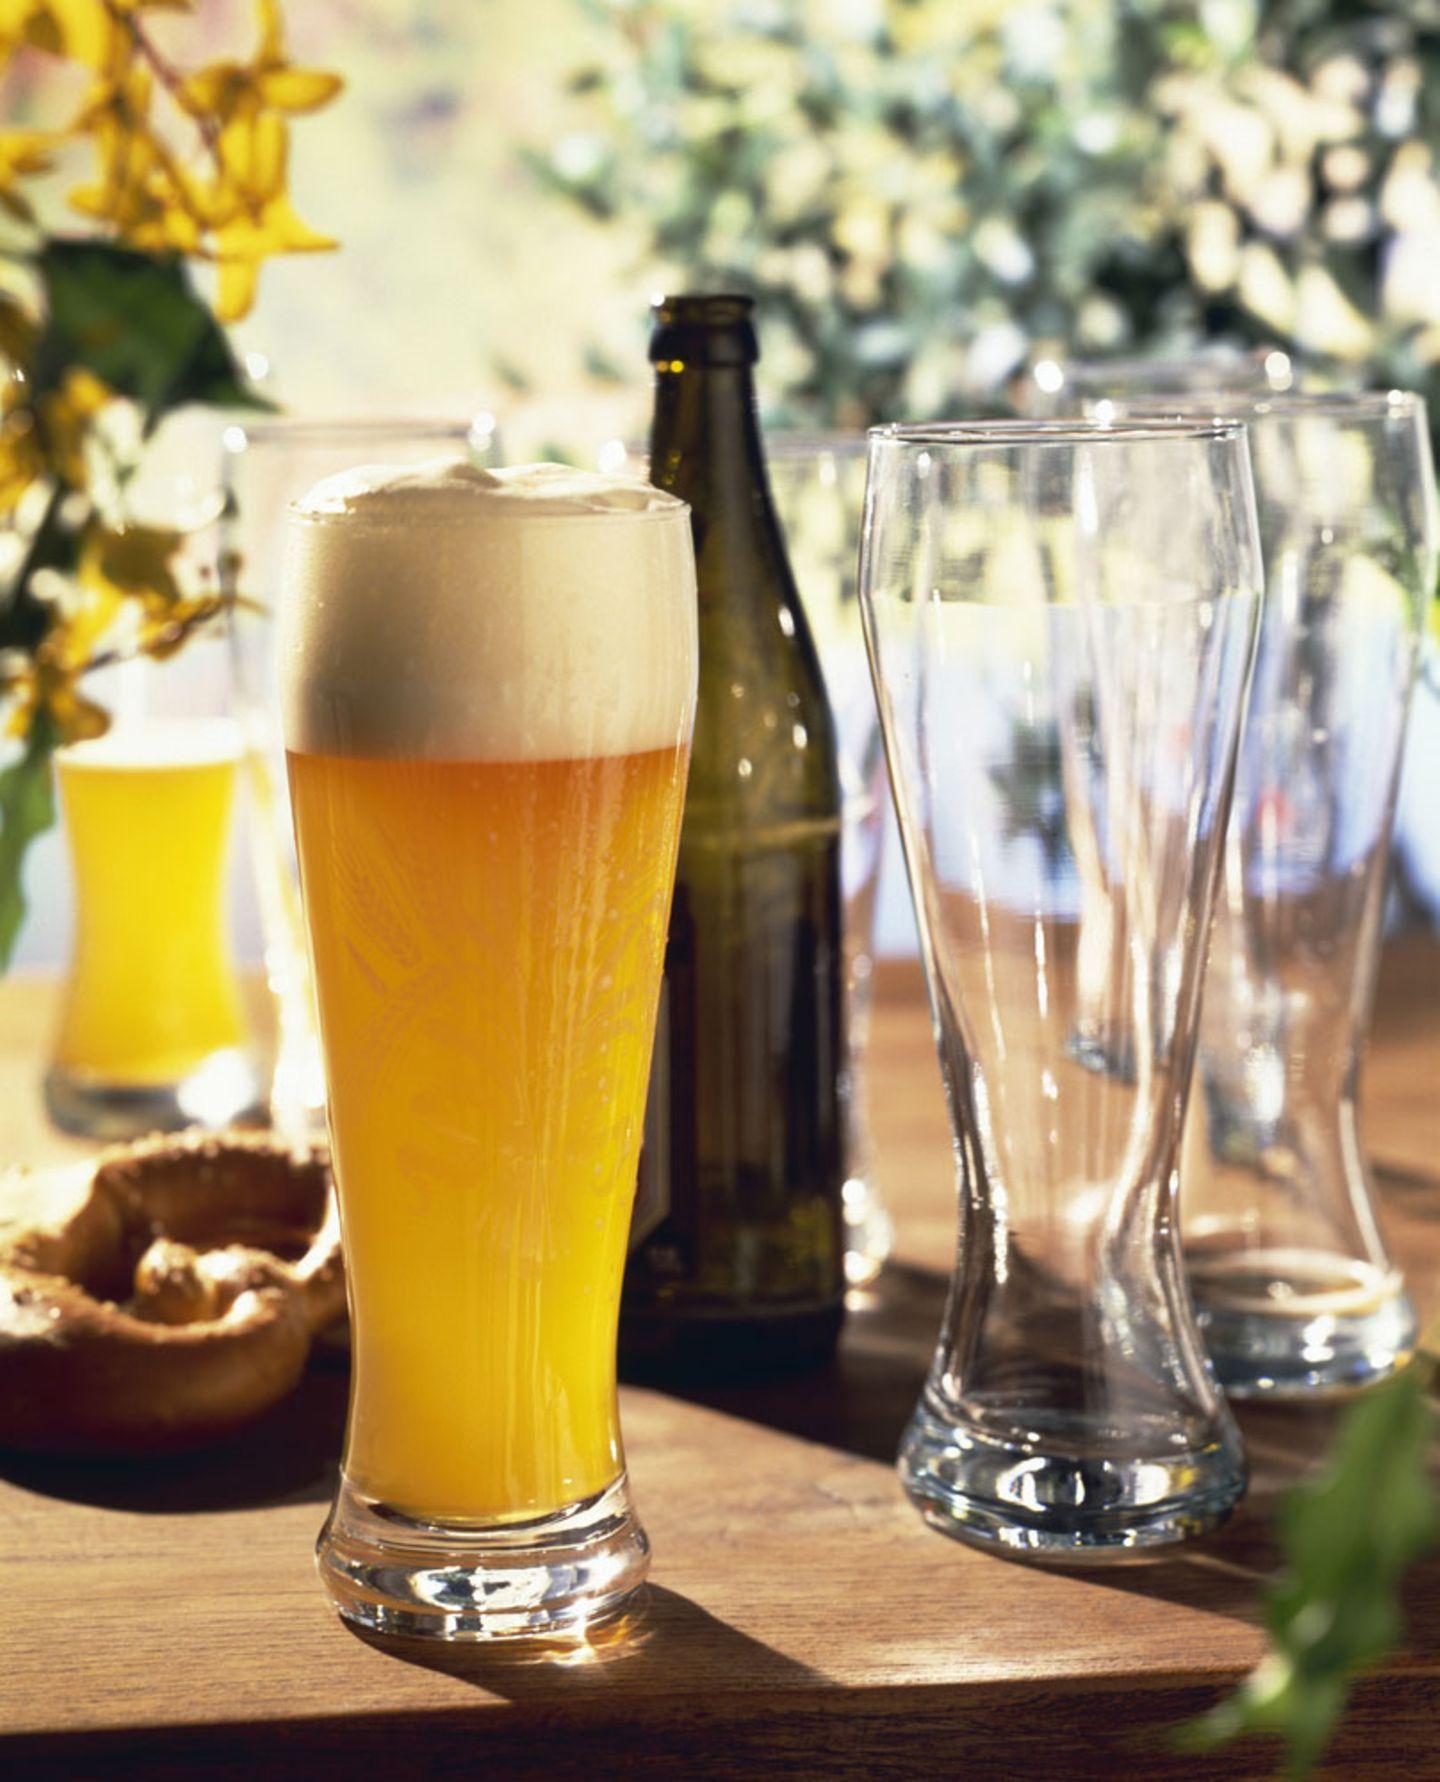 Auf Biergartenbesuch